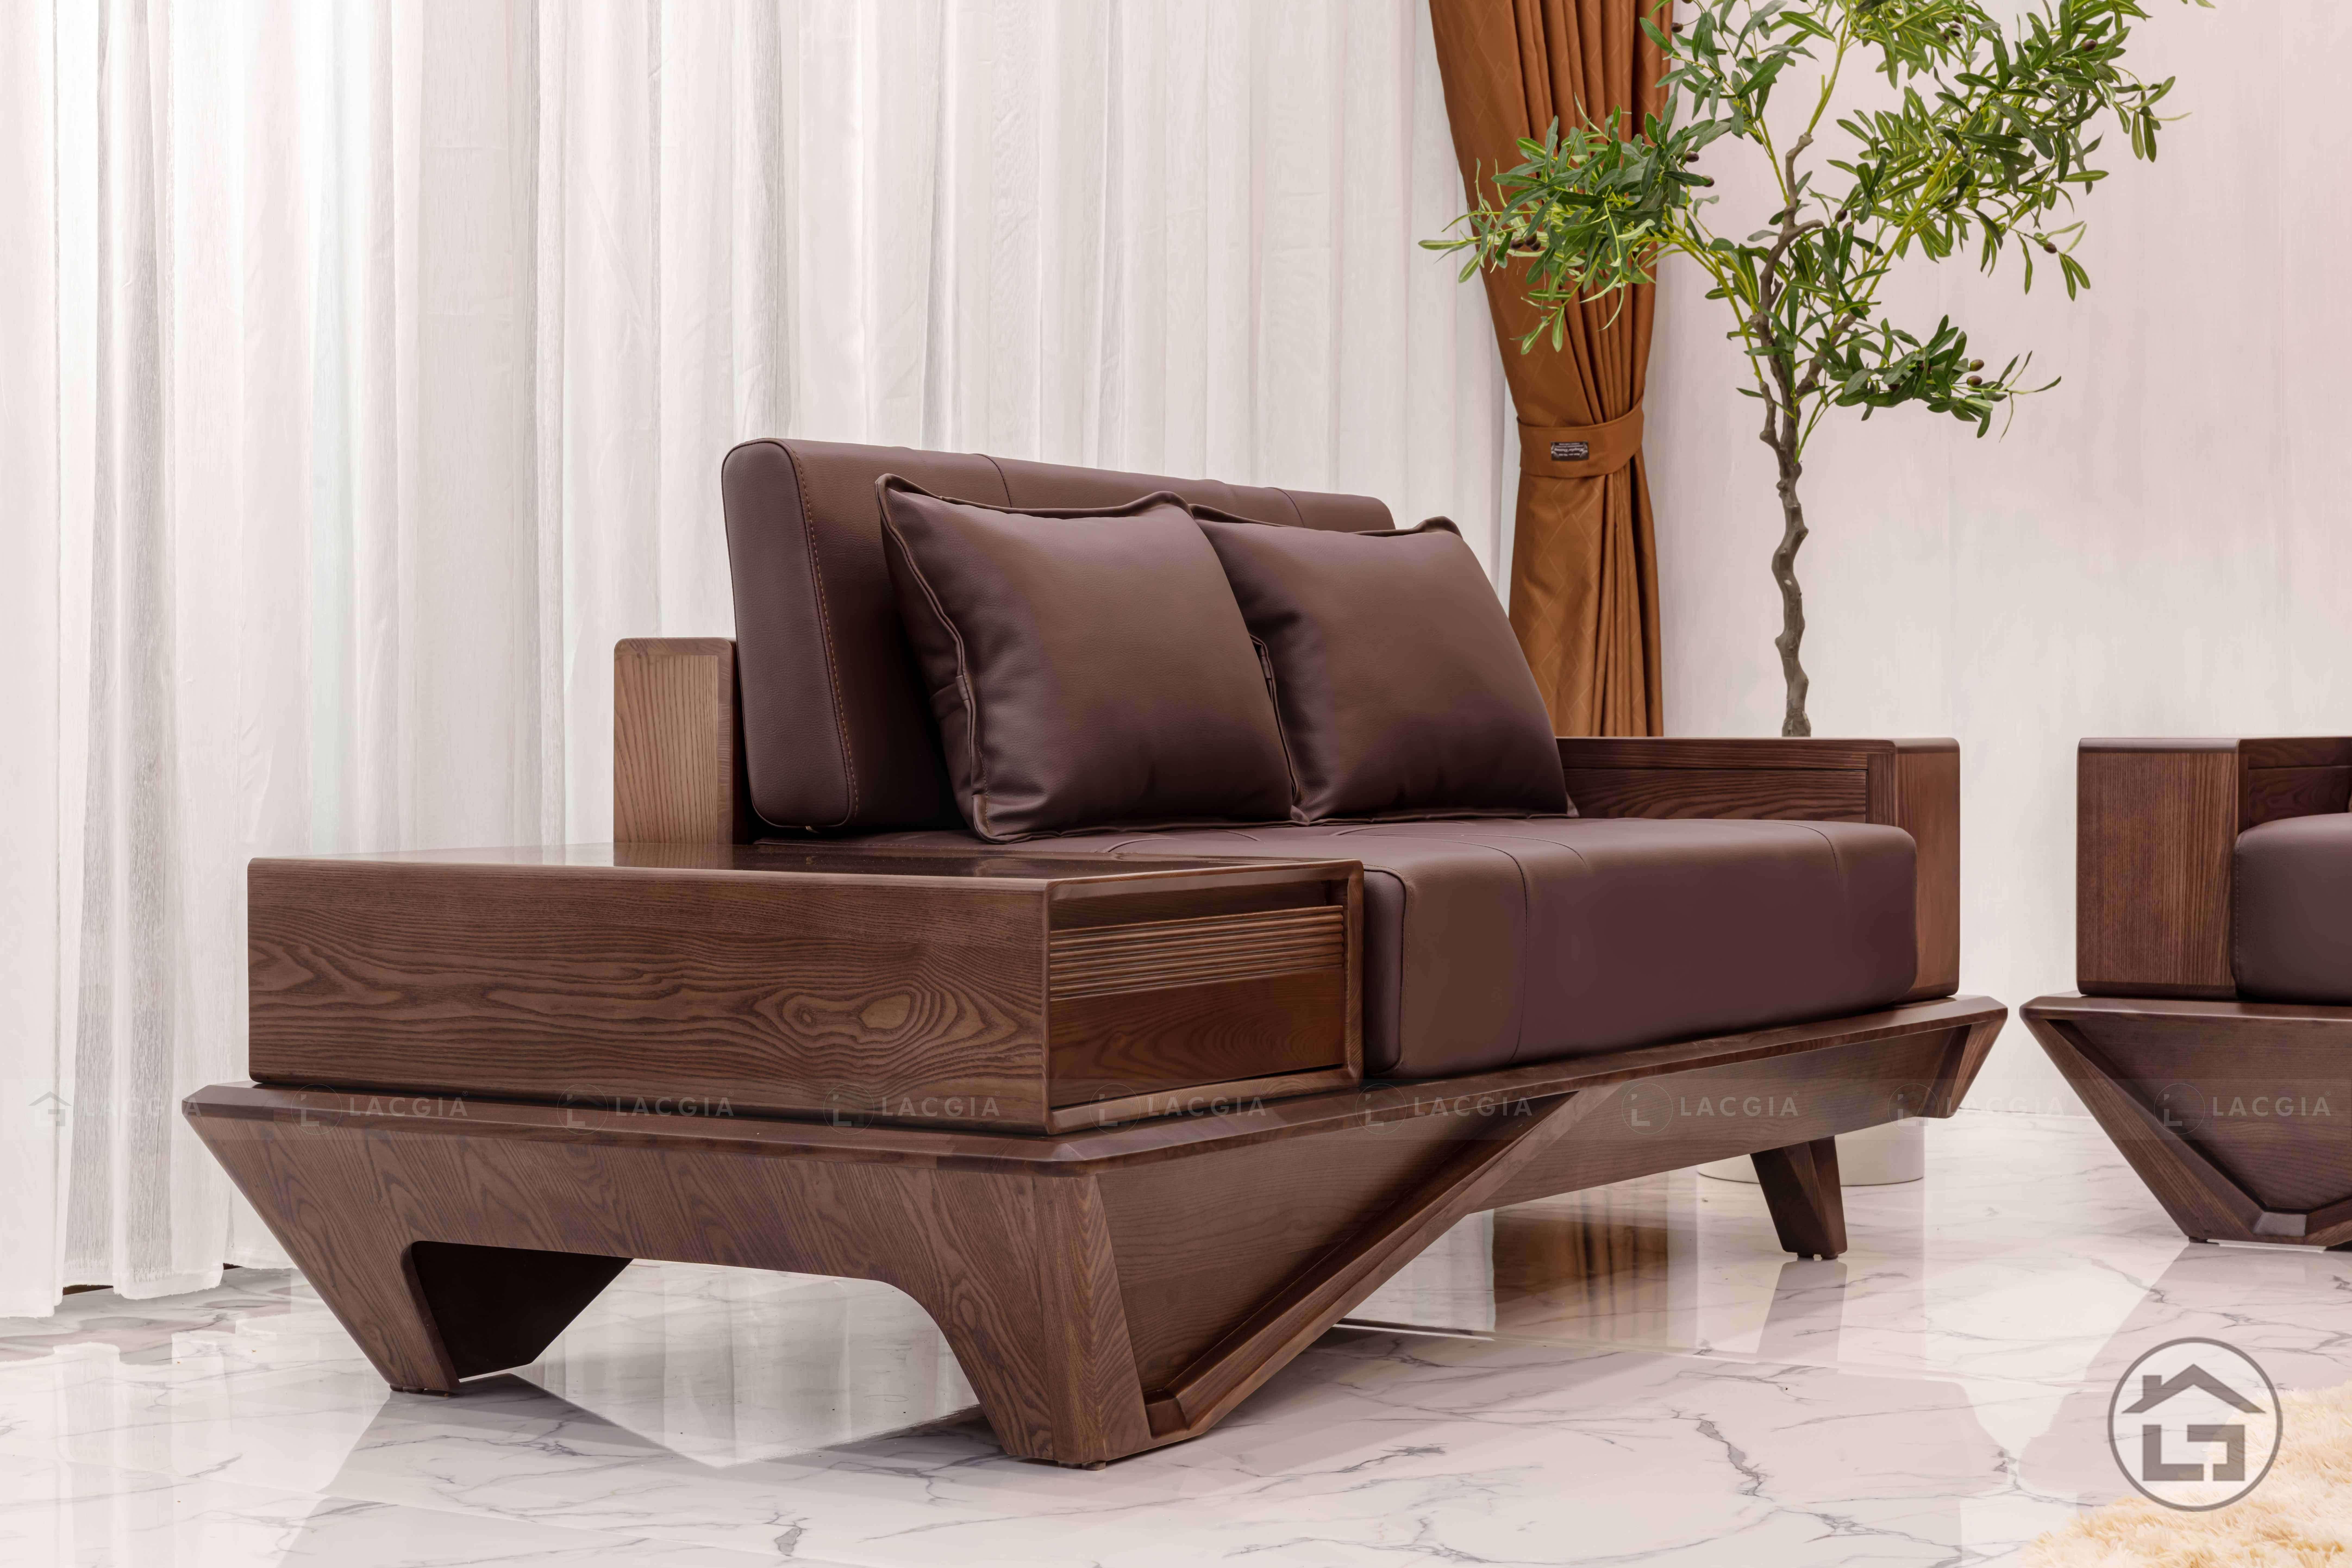 sofa go hien dai sf29 9 - Sofa gỗ hiện đại SF29